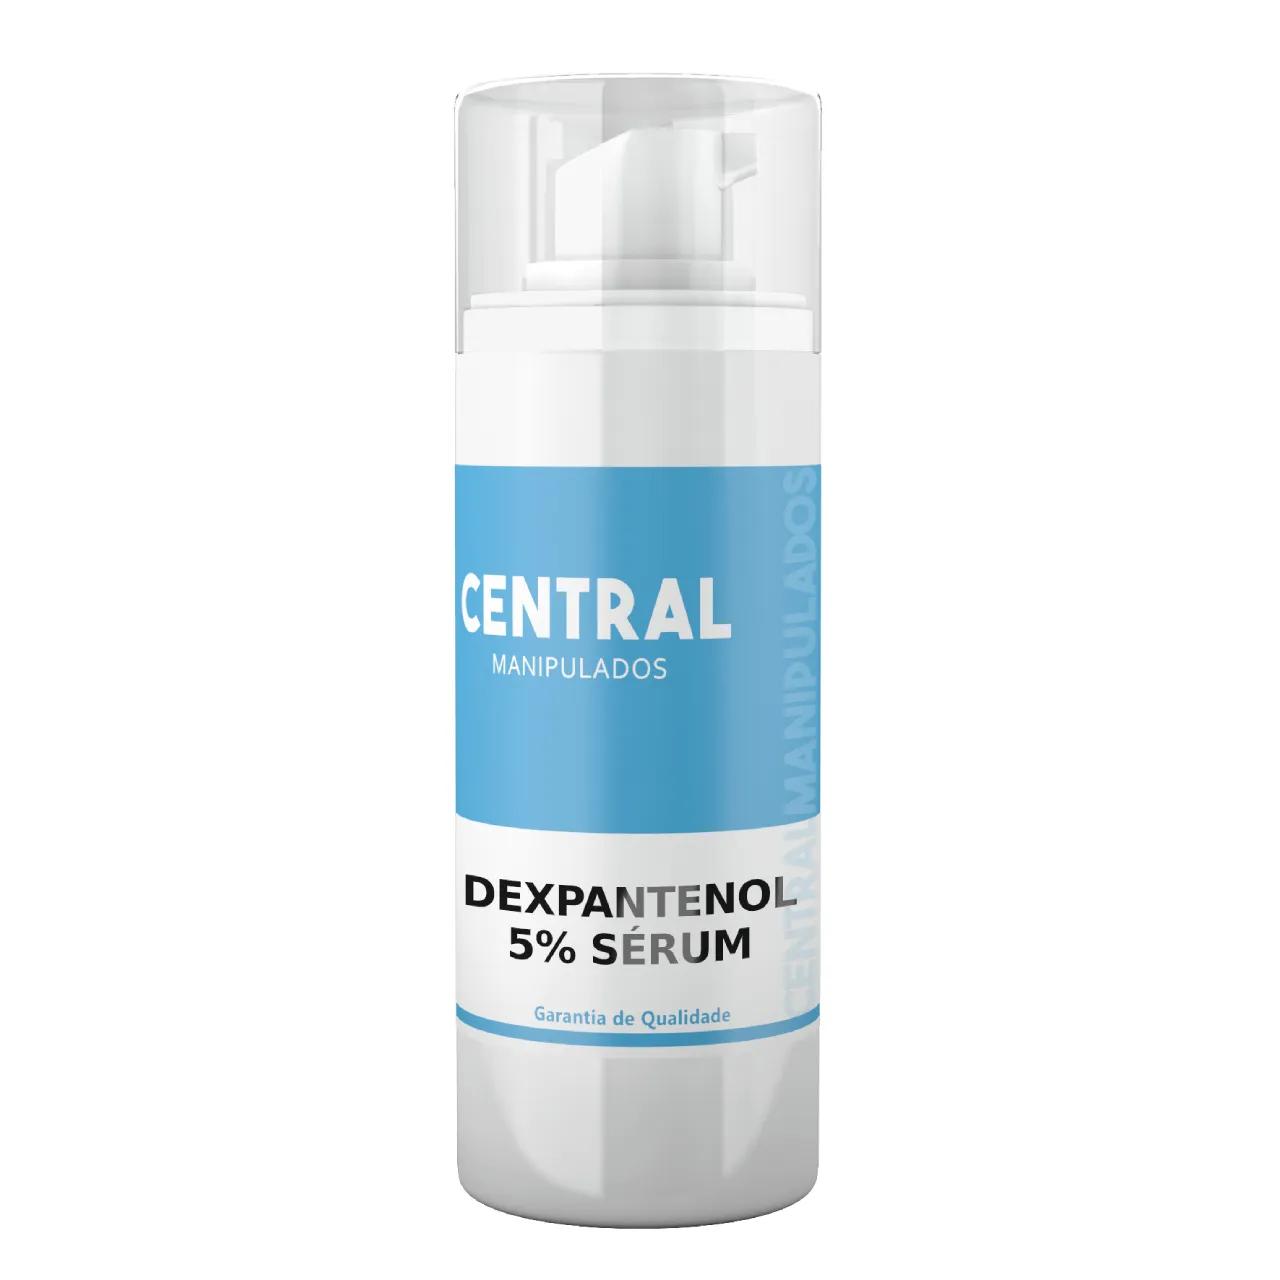 Dexpantenol 5%  Sérum 30ml - Hidratante e Antioxidante, Reduz manchas